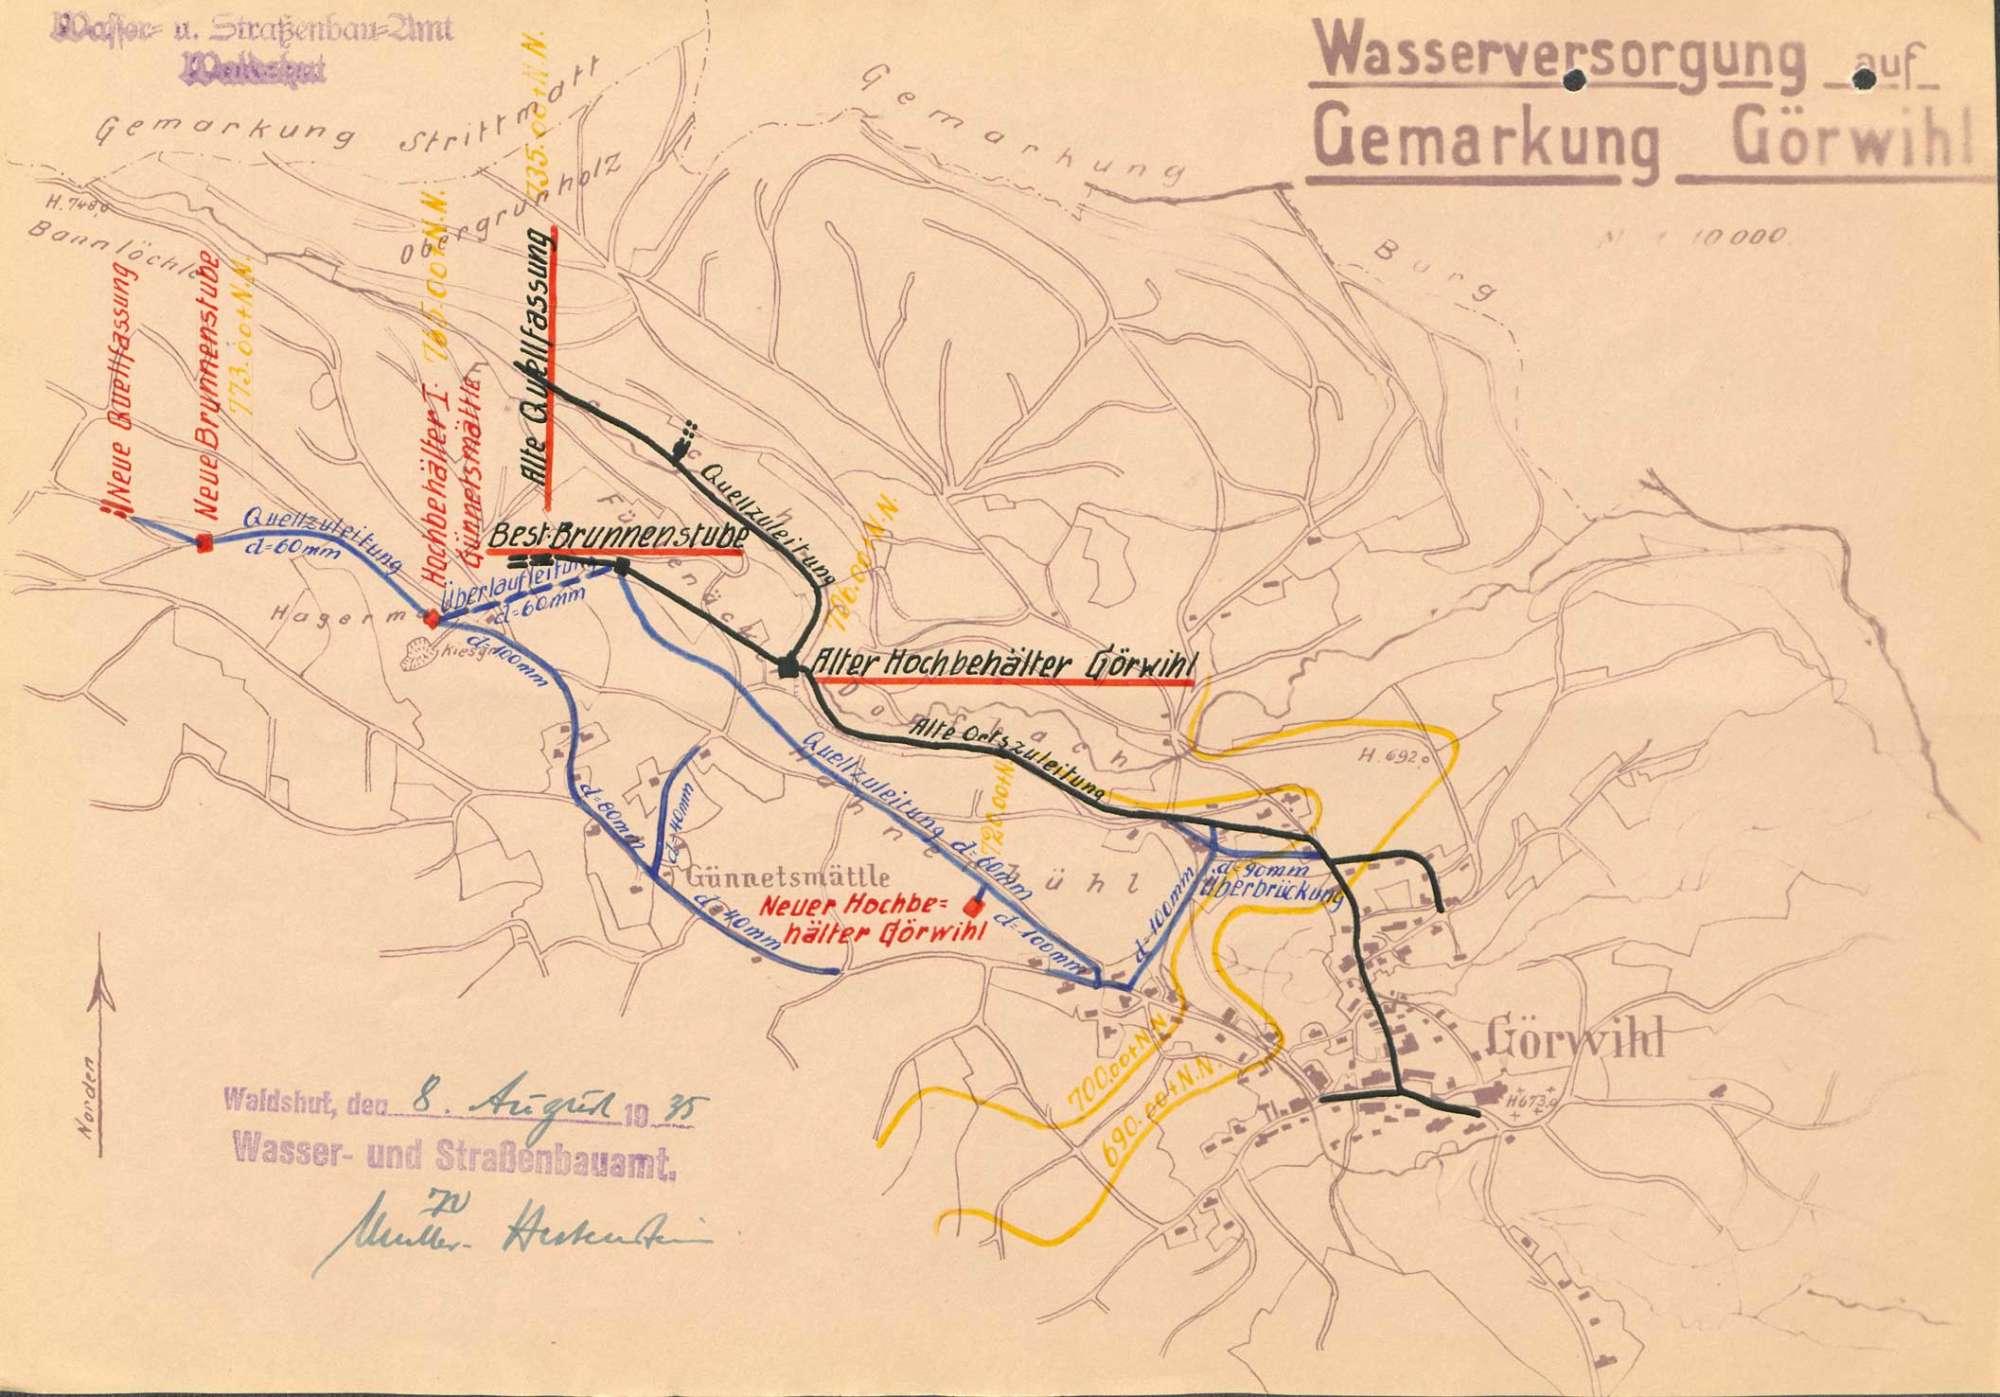 Herstellung und Unterhaltung der Wasserversorgung in Görwihl, Bild 1